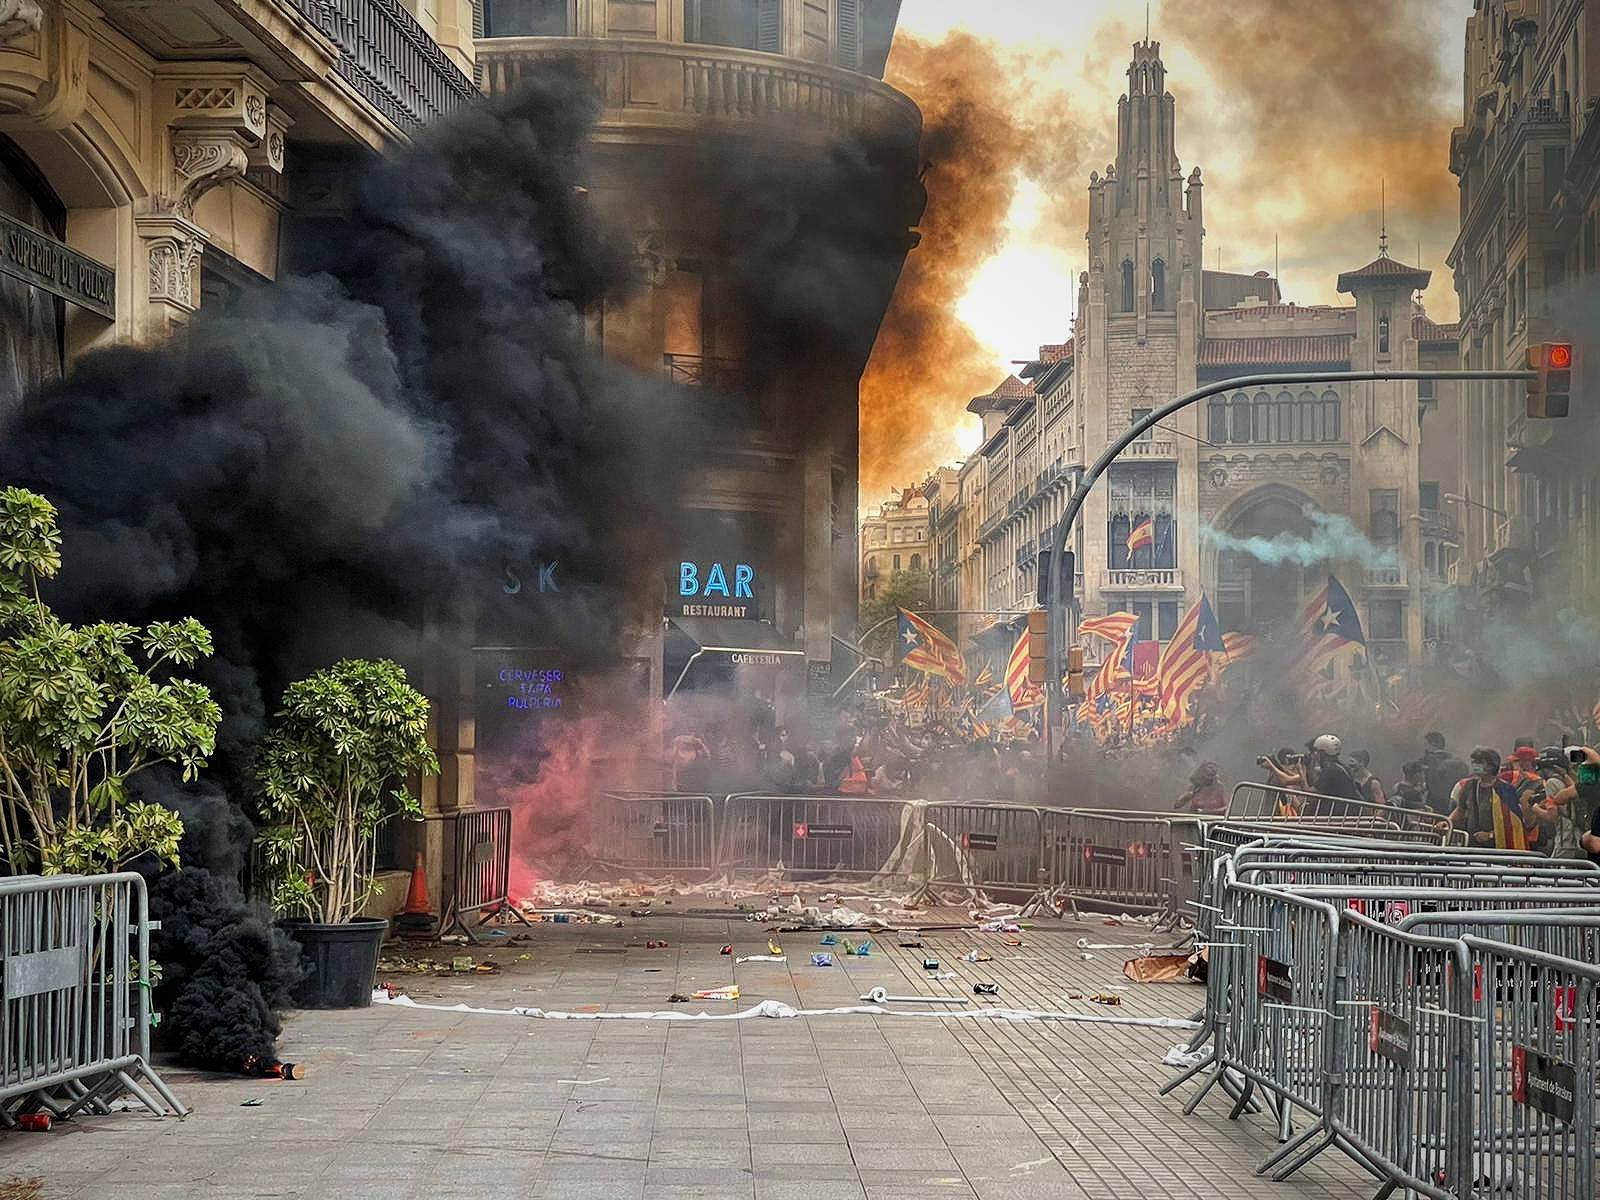 La Prefectura Superior de la Policia Nacional, ahir, mentre li llançaven pots de fum / Quico Sallés